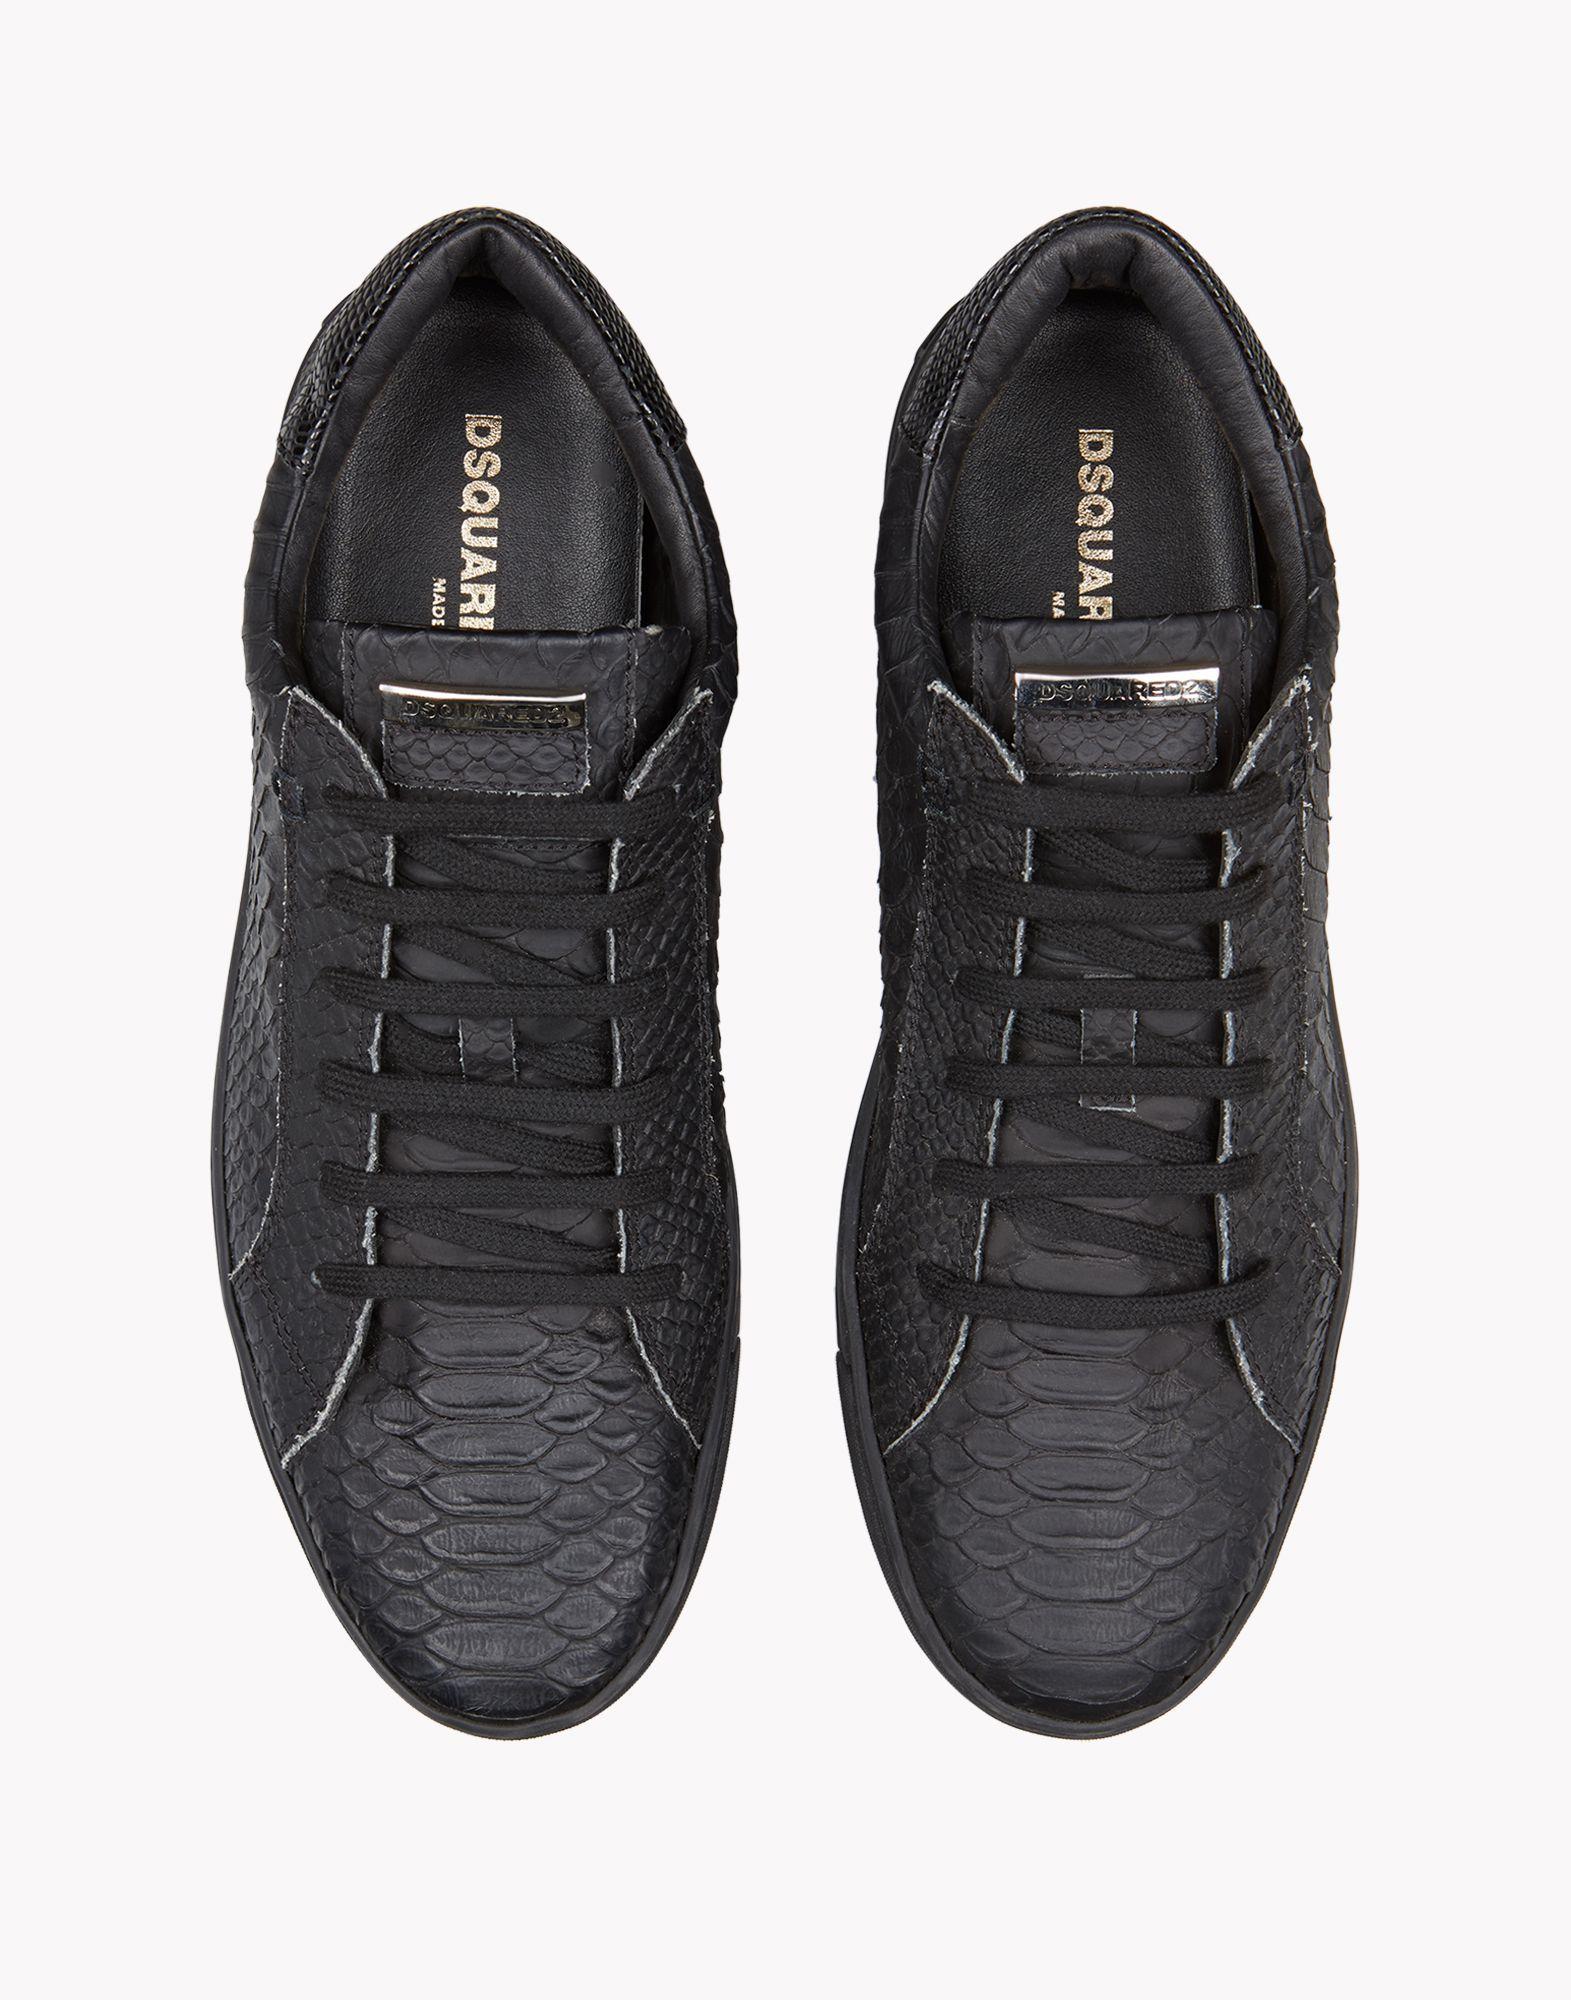 Sneakers, Sneakers men, Tennis clubs